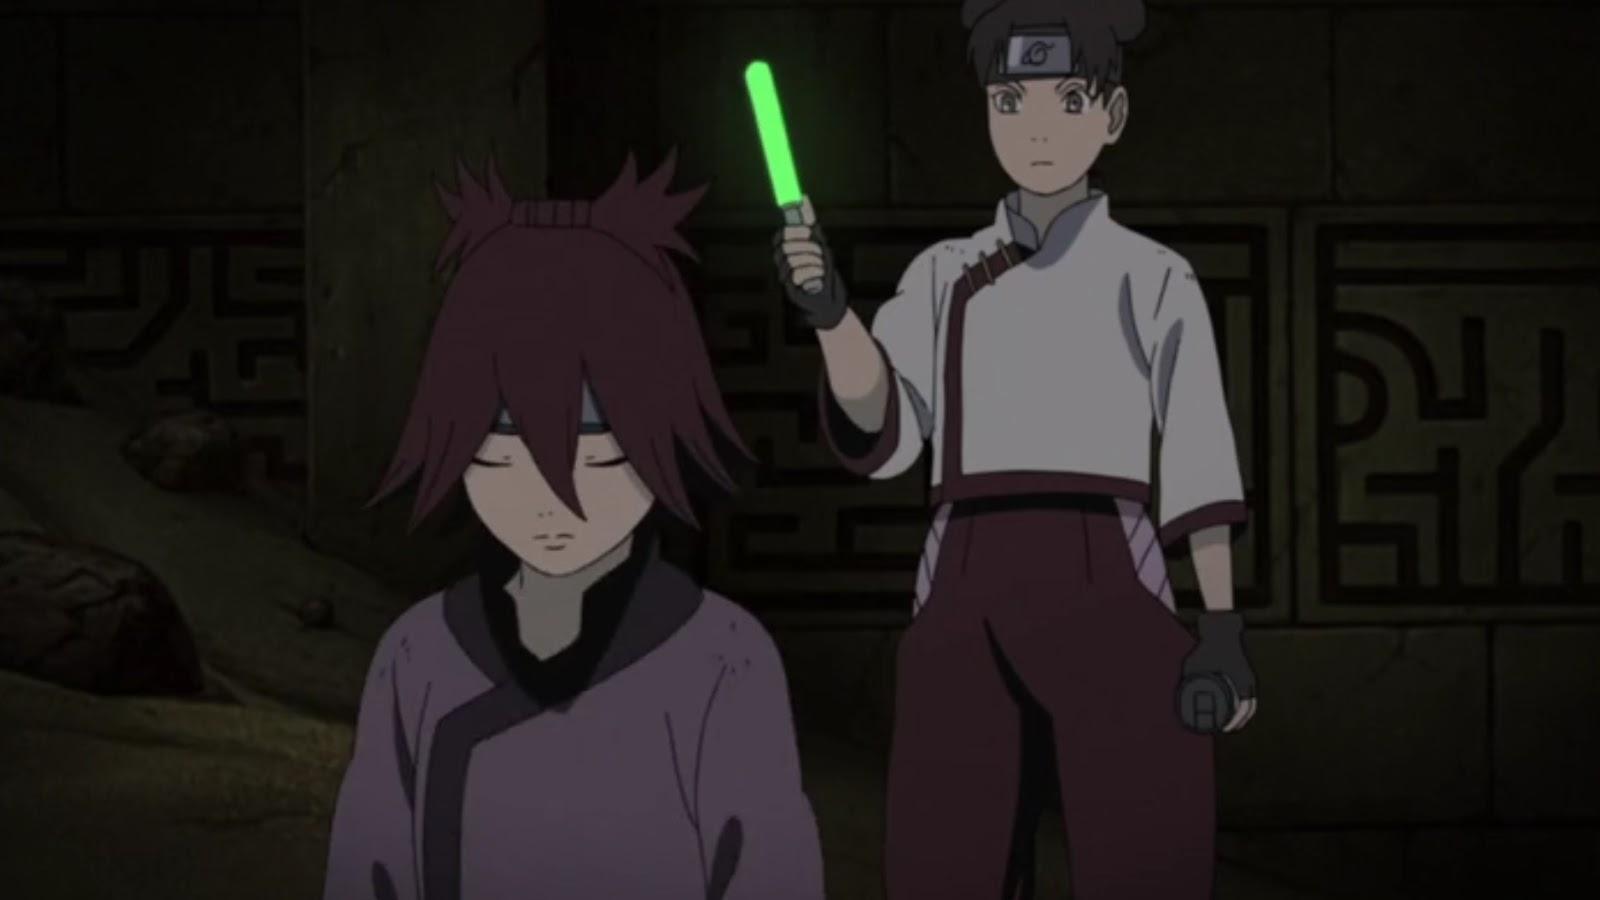 Naruto Shippuden Episódio 405, Assistir Naruto Shippuden Episódio 405, Assistir Naruto Shippuden Todos os Episódios Legendado, Naruto Shippuden episódio 405,HD